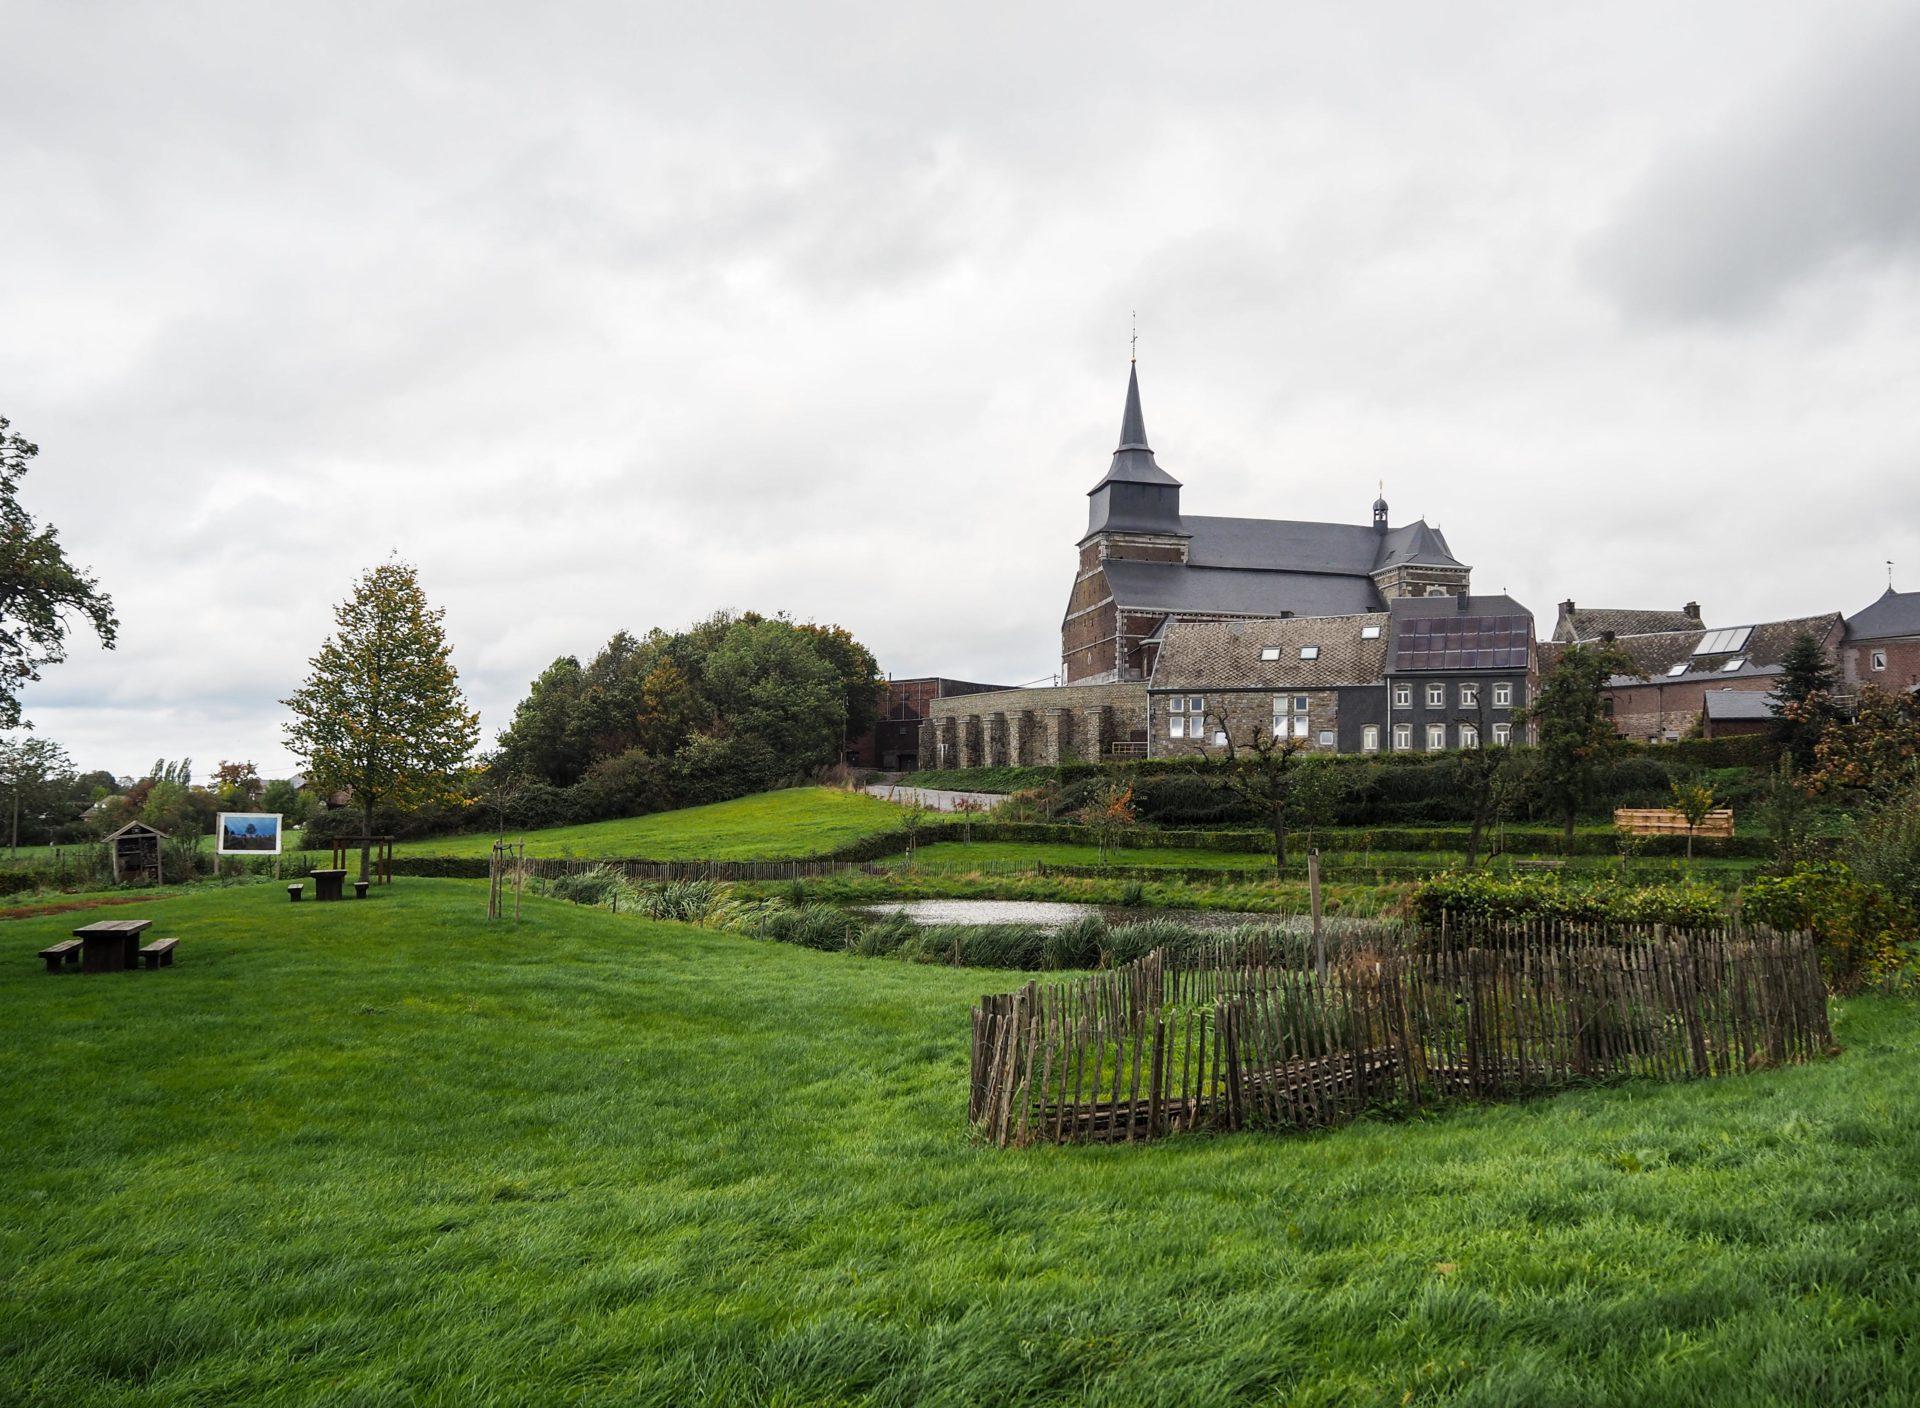 Clermont, l'un des pus beaux villages de Wallonie - Ardenne Belge - Province de Liège - Voyage slow en Belgique